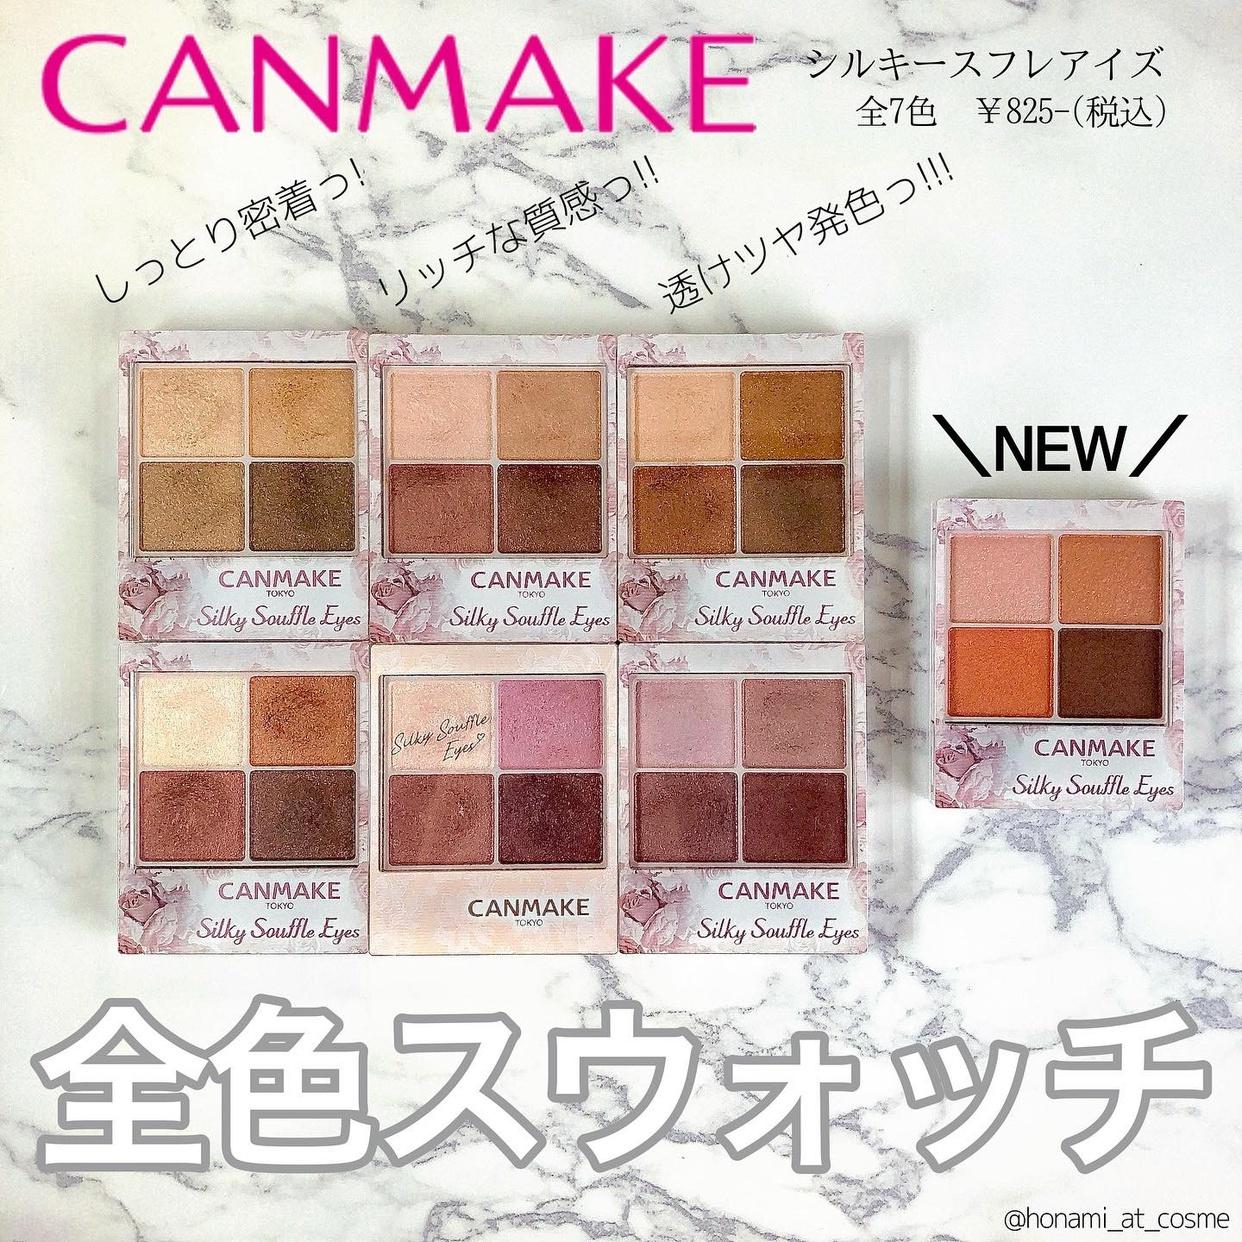 CANMAKE(キャンメイク)シルキースフレアイズを使ったほなみ☺︎さんのクチコミ画像